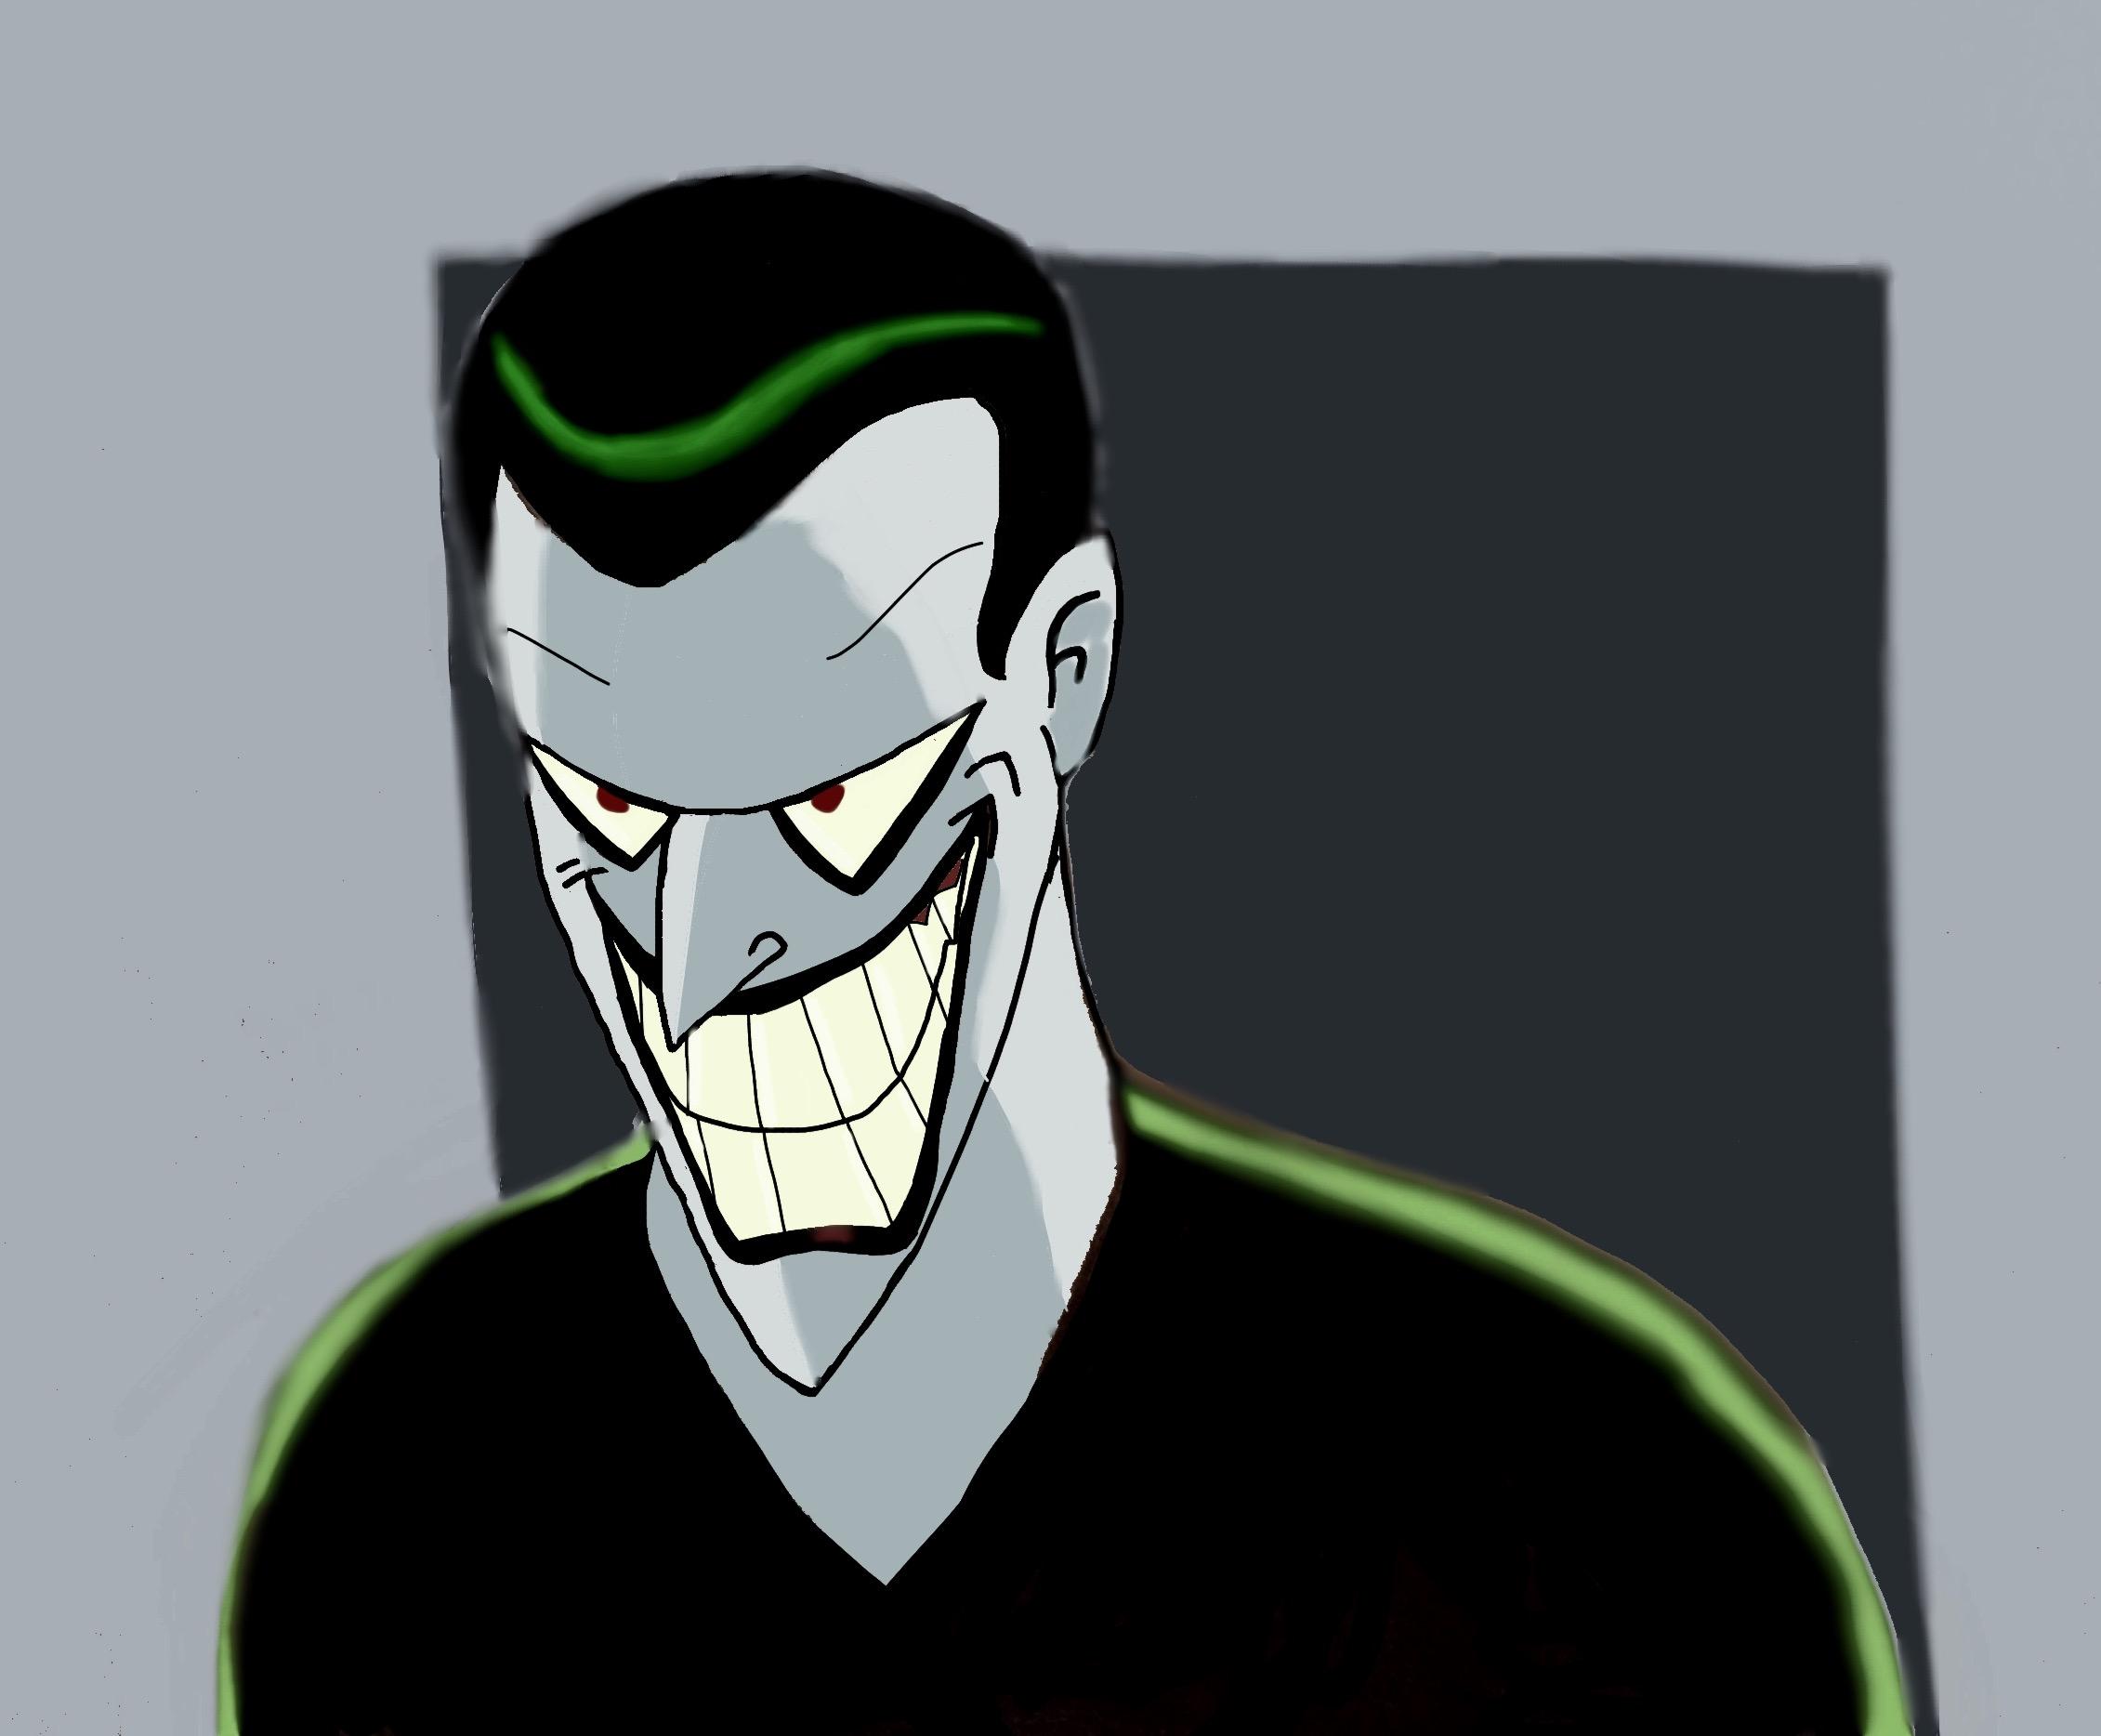 Batman beyond joker by BtasJokerFan